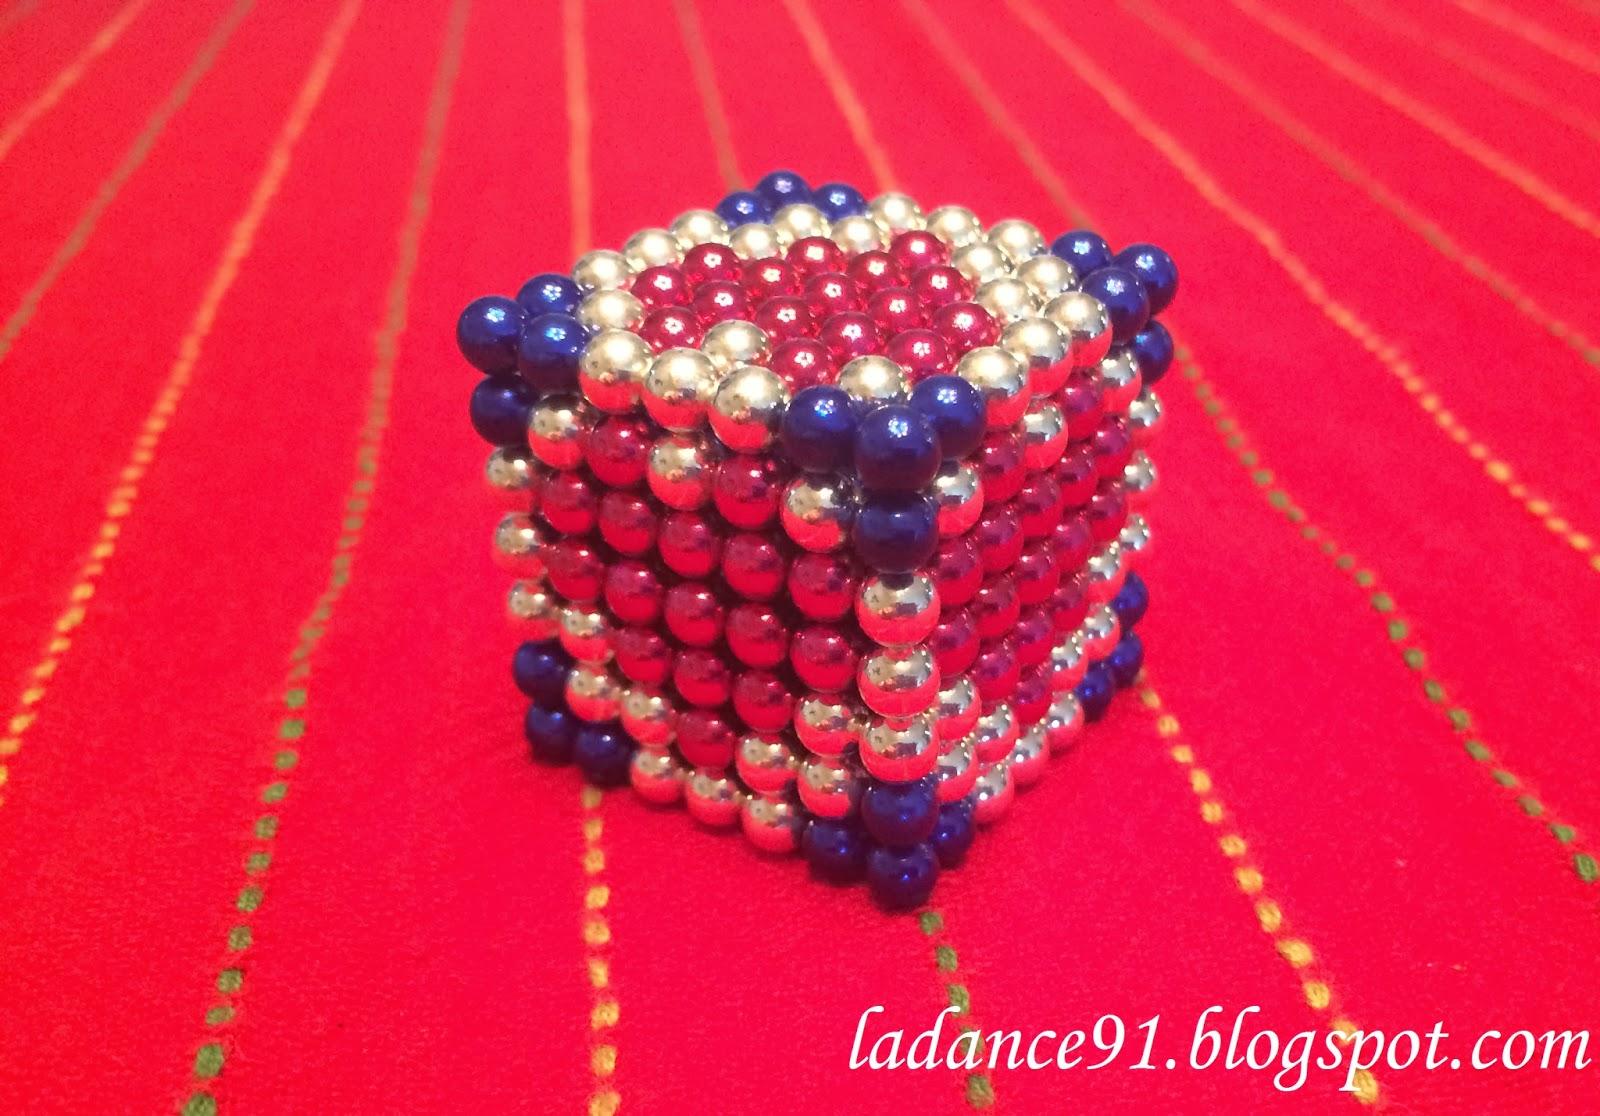 buckyball companion cube